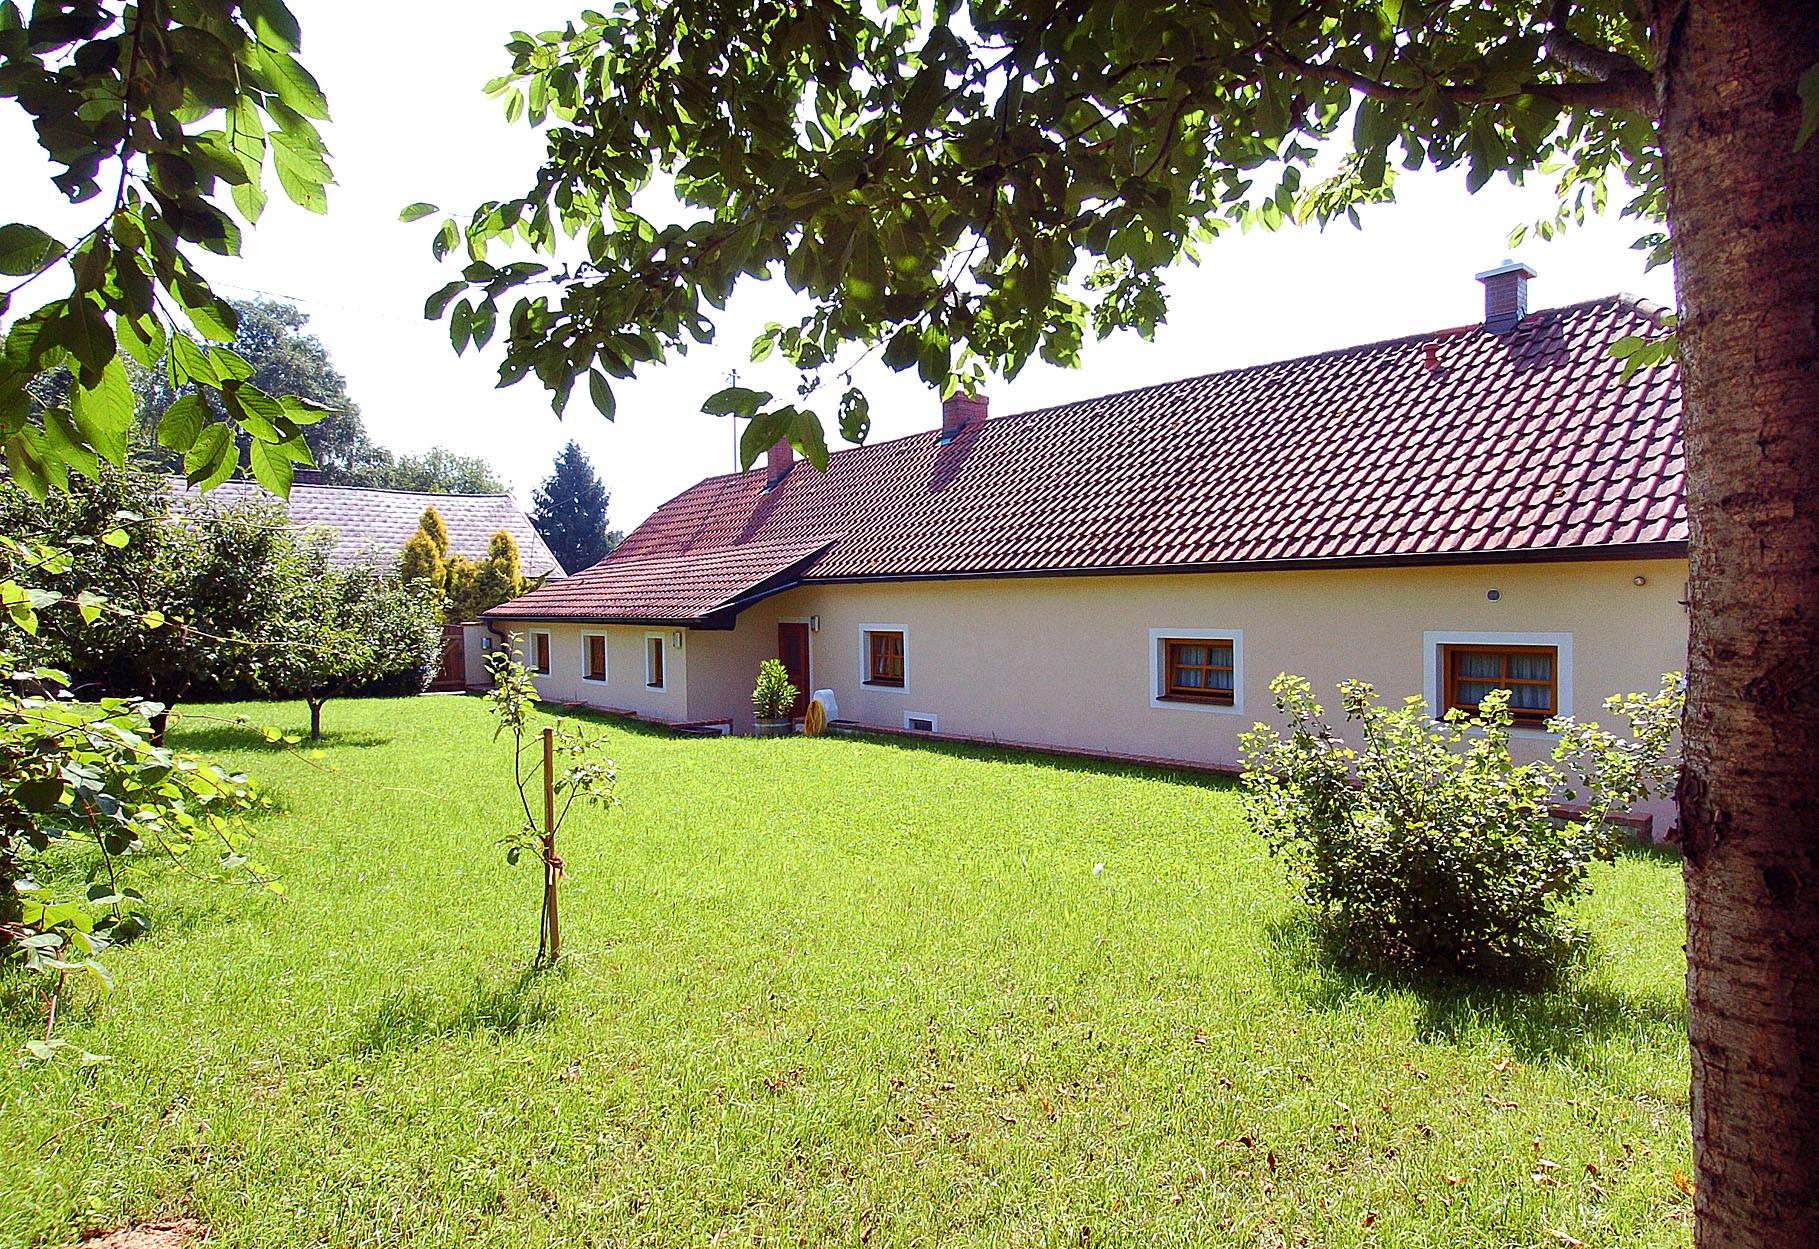 Garten zum Grillen, Sonnen - auf der Hinterseite des Hauses mit direktem Zugang vom Wohnzimmer